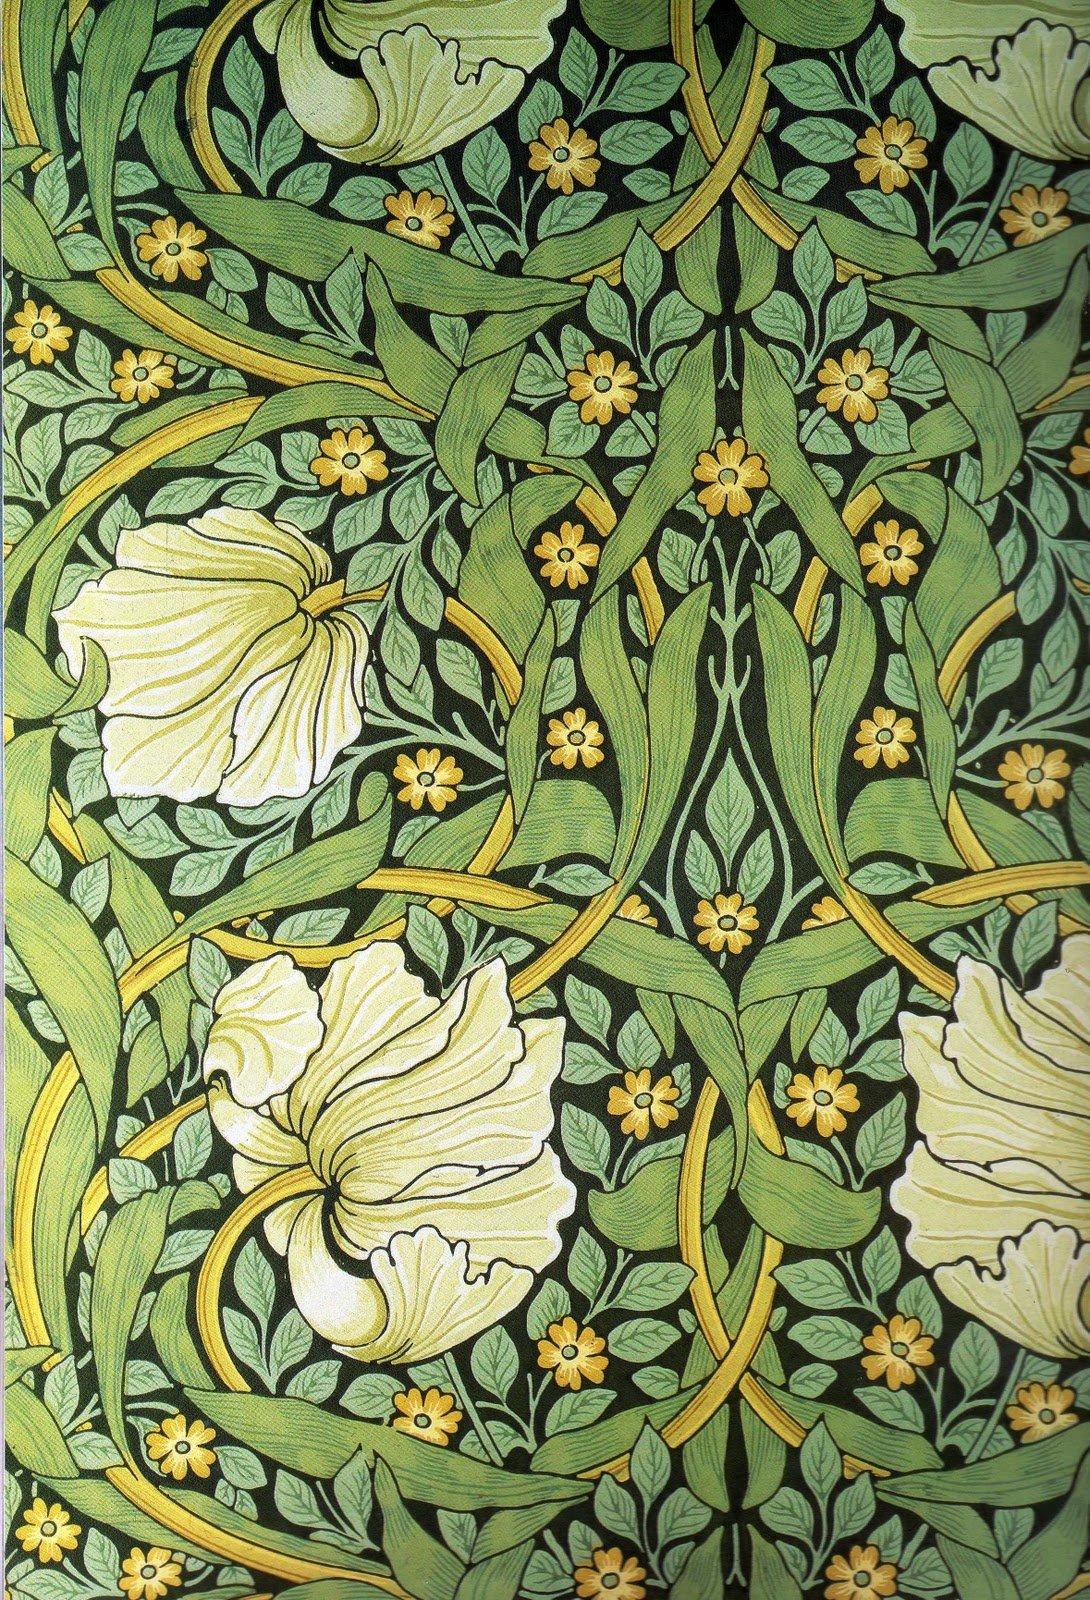 цветы в стиле модерн картинки выдался ветреным